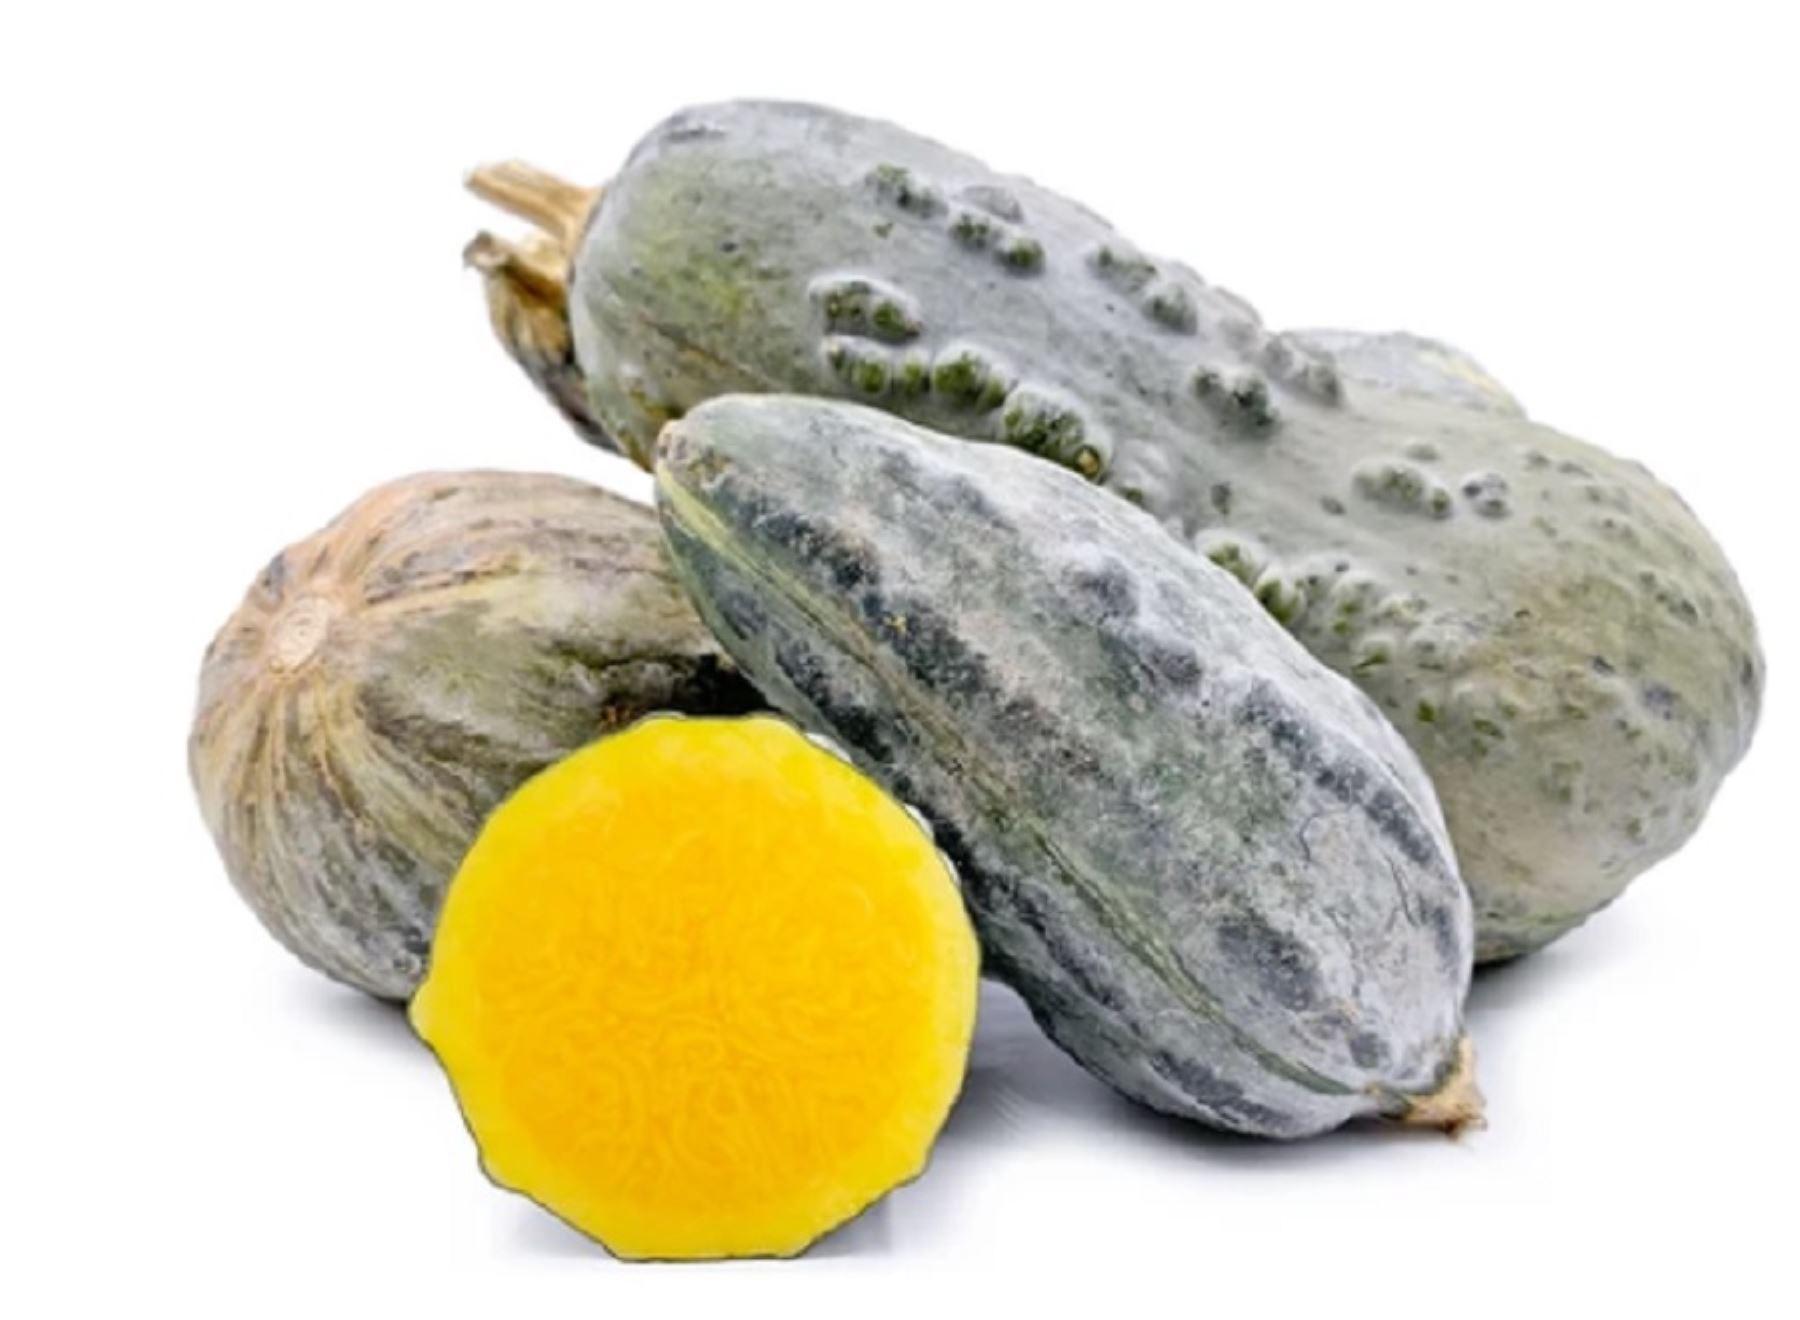 En términos nutricionales, el zapallo loche es considerado un superalimento, dado que es rico en vitamina C y betacaroteno o provitamina A; minerales como calcio, fósforo y hierro, así como proteínas y carbohidratos. INTERNET/Medios